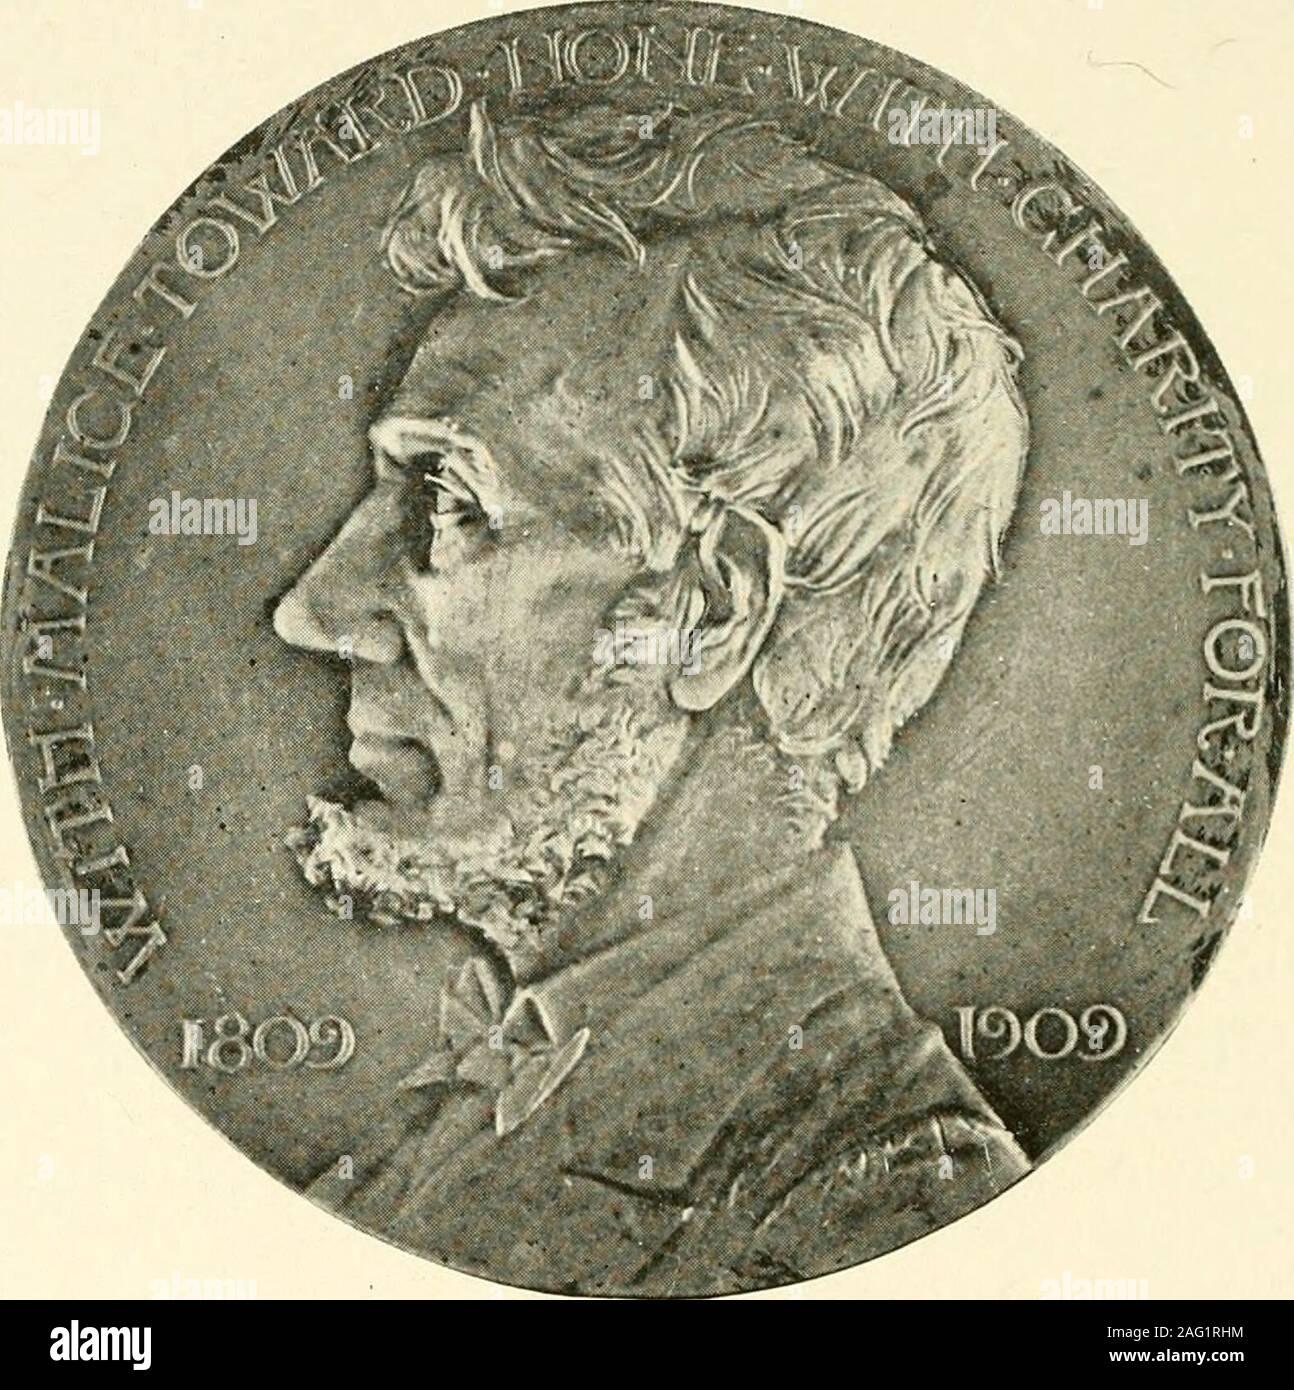 . I poeti' Lincoln : omaggi in versi ai martiri Presidente. Dei nostri presidenti (vedere pagina 80) si siede là sul basso, rude, banco backless,con il suo tall hat accanto a lui e uno armFlung, così, attraverso il suo ginocchio. Altri handRests, piatta, palm verso il basso, da lui sul sedile.in modo yEsop può avere sat; così Lincoln ha fatto.per tutta la tristezza in sunken occhi,per tutti la regalità nel uncrowned brow,la grande forma si appoggia in modo cordiale, padre-come,è una chiamata per i bambini. Ho watchedEight in un momento sciamare su di lui vi,tutti aggrappati a lui-riding sulle sue ginocchia,Coccole tra le sue braccia, claspi Foto Stock